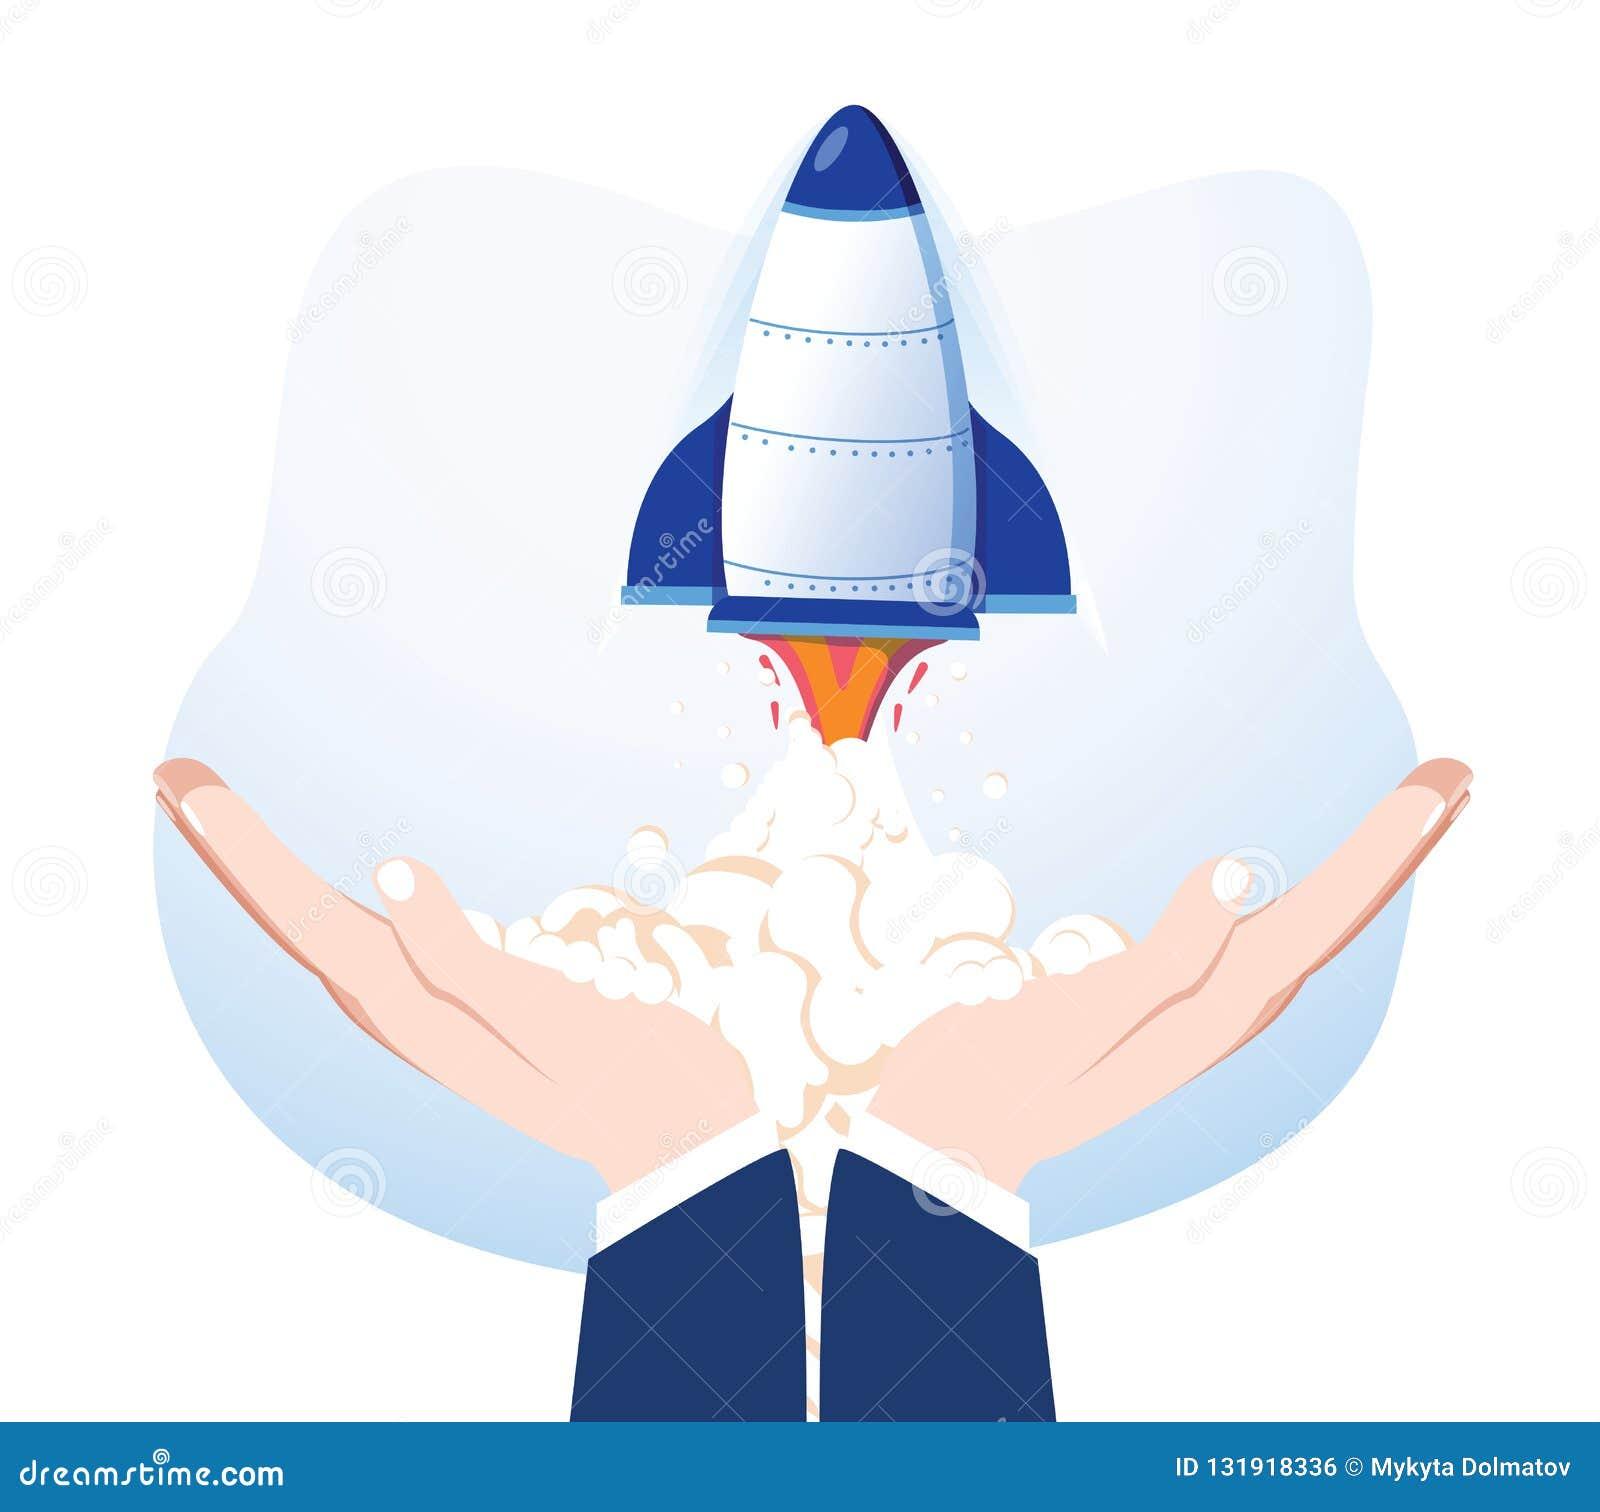 Πύραυλος στα χέρια που απομονώνονται στο υπόβαθρο Διαστημόπλοιο έναρξης Προωθώντας επιχειρησιακό προϊόν, ανάπτυξη προγράμματος Ξε